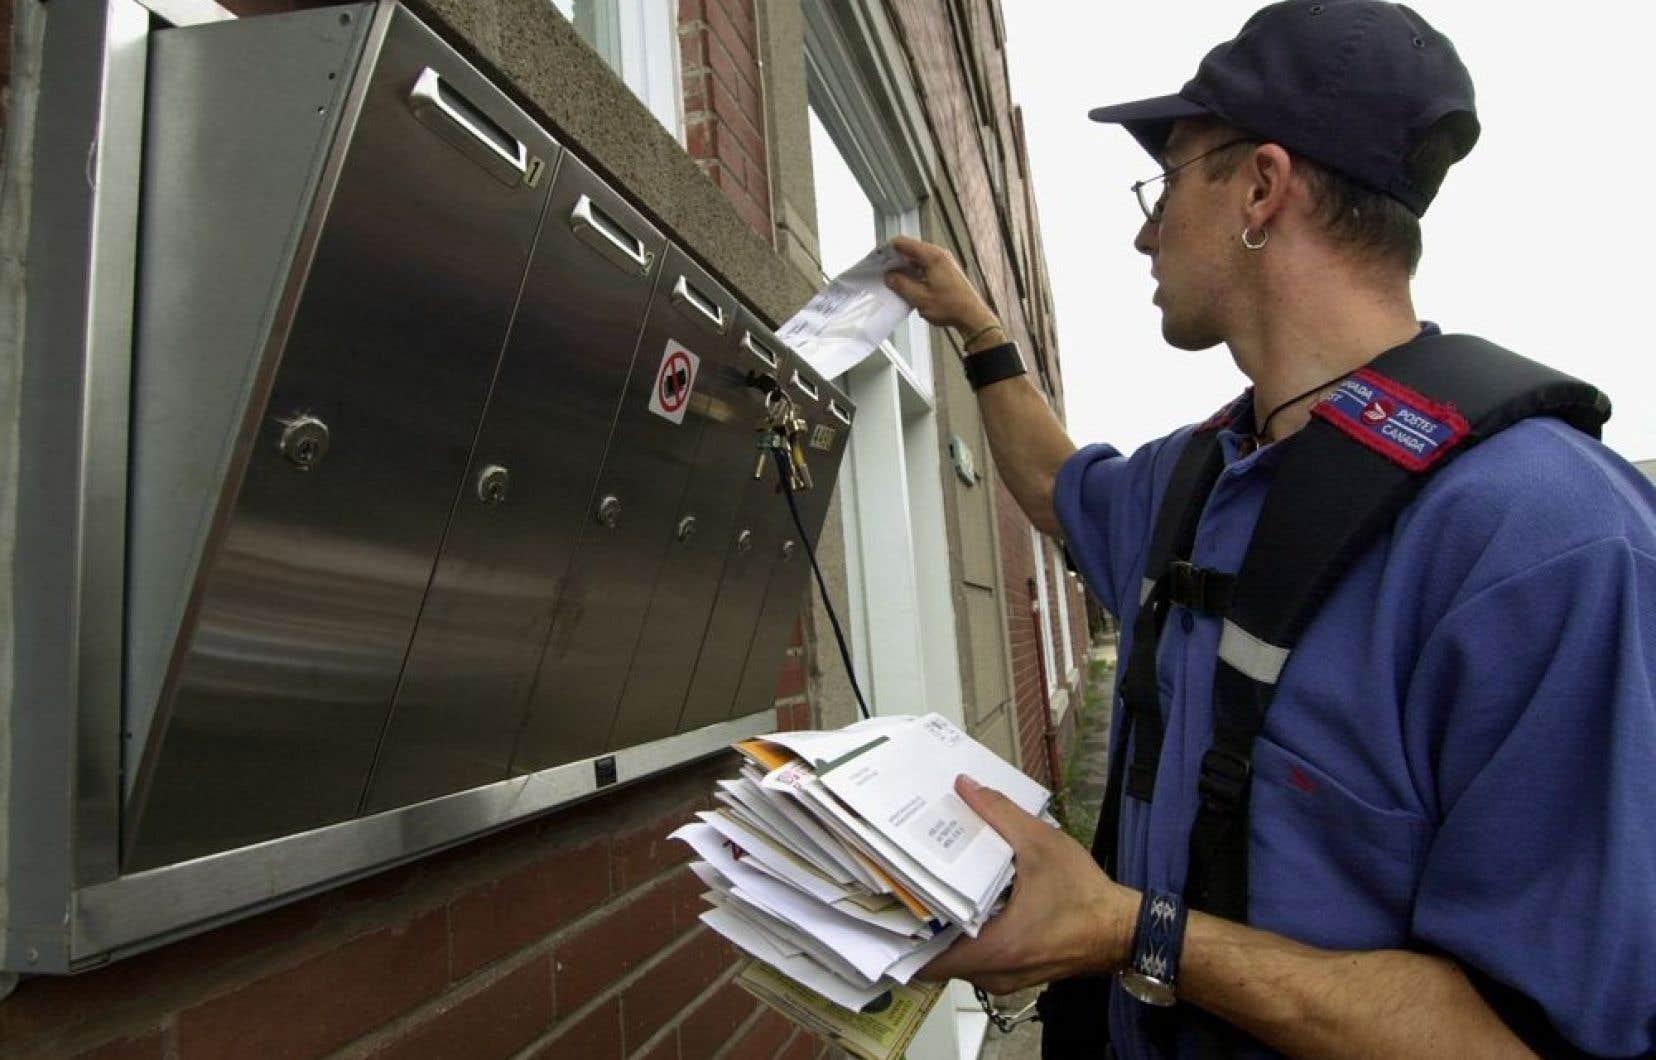 L'arrêt de la livraison à domicile en zone urbaine — au profit des boîtes postales communautaires — est l'option dont les répercussions financières seraient les plus importantes.